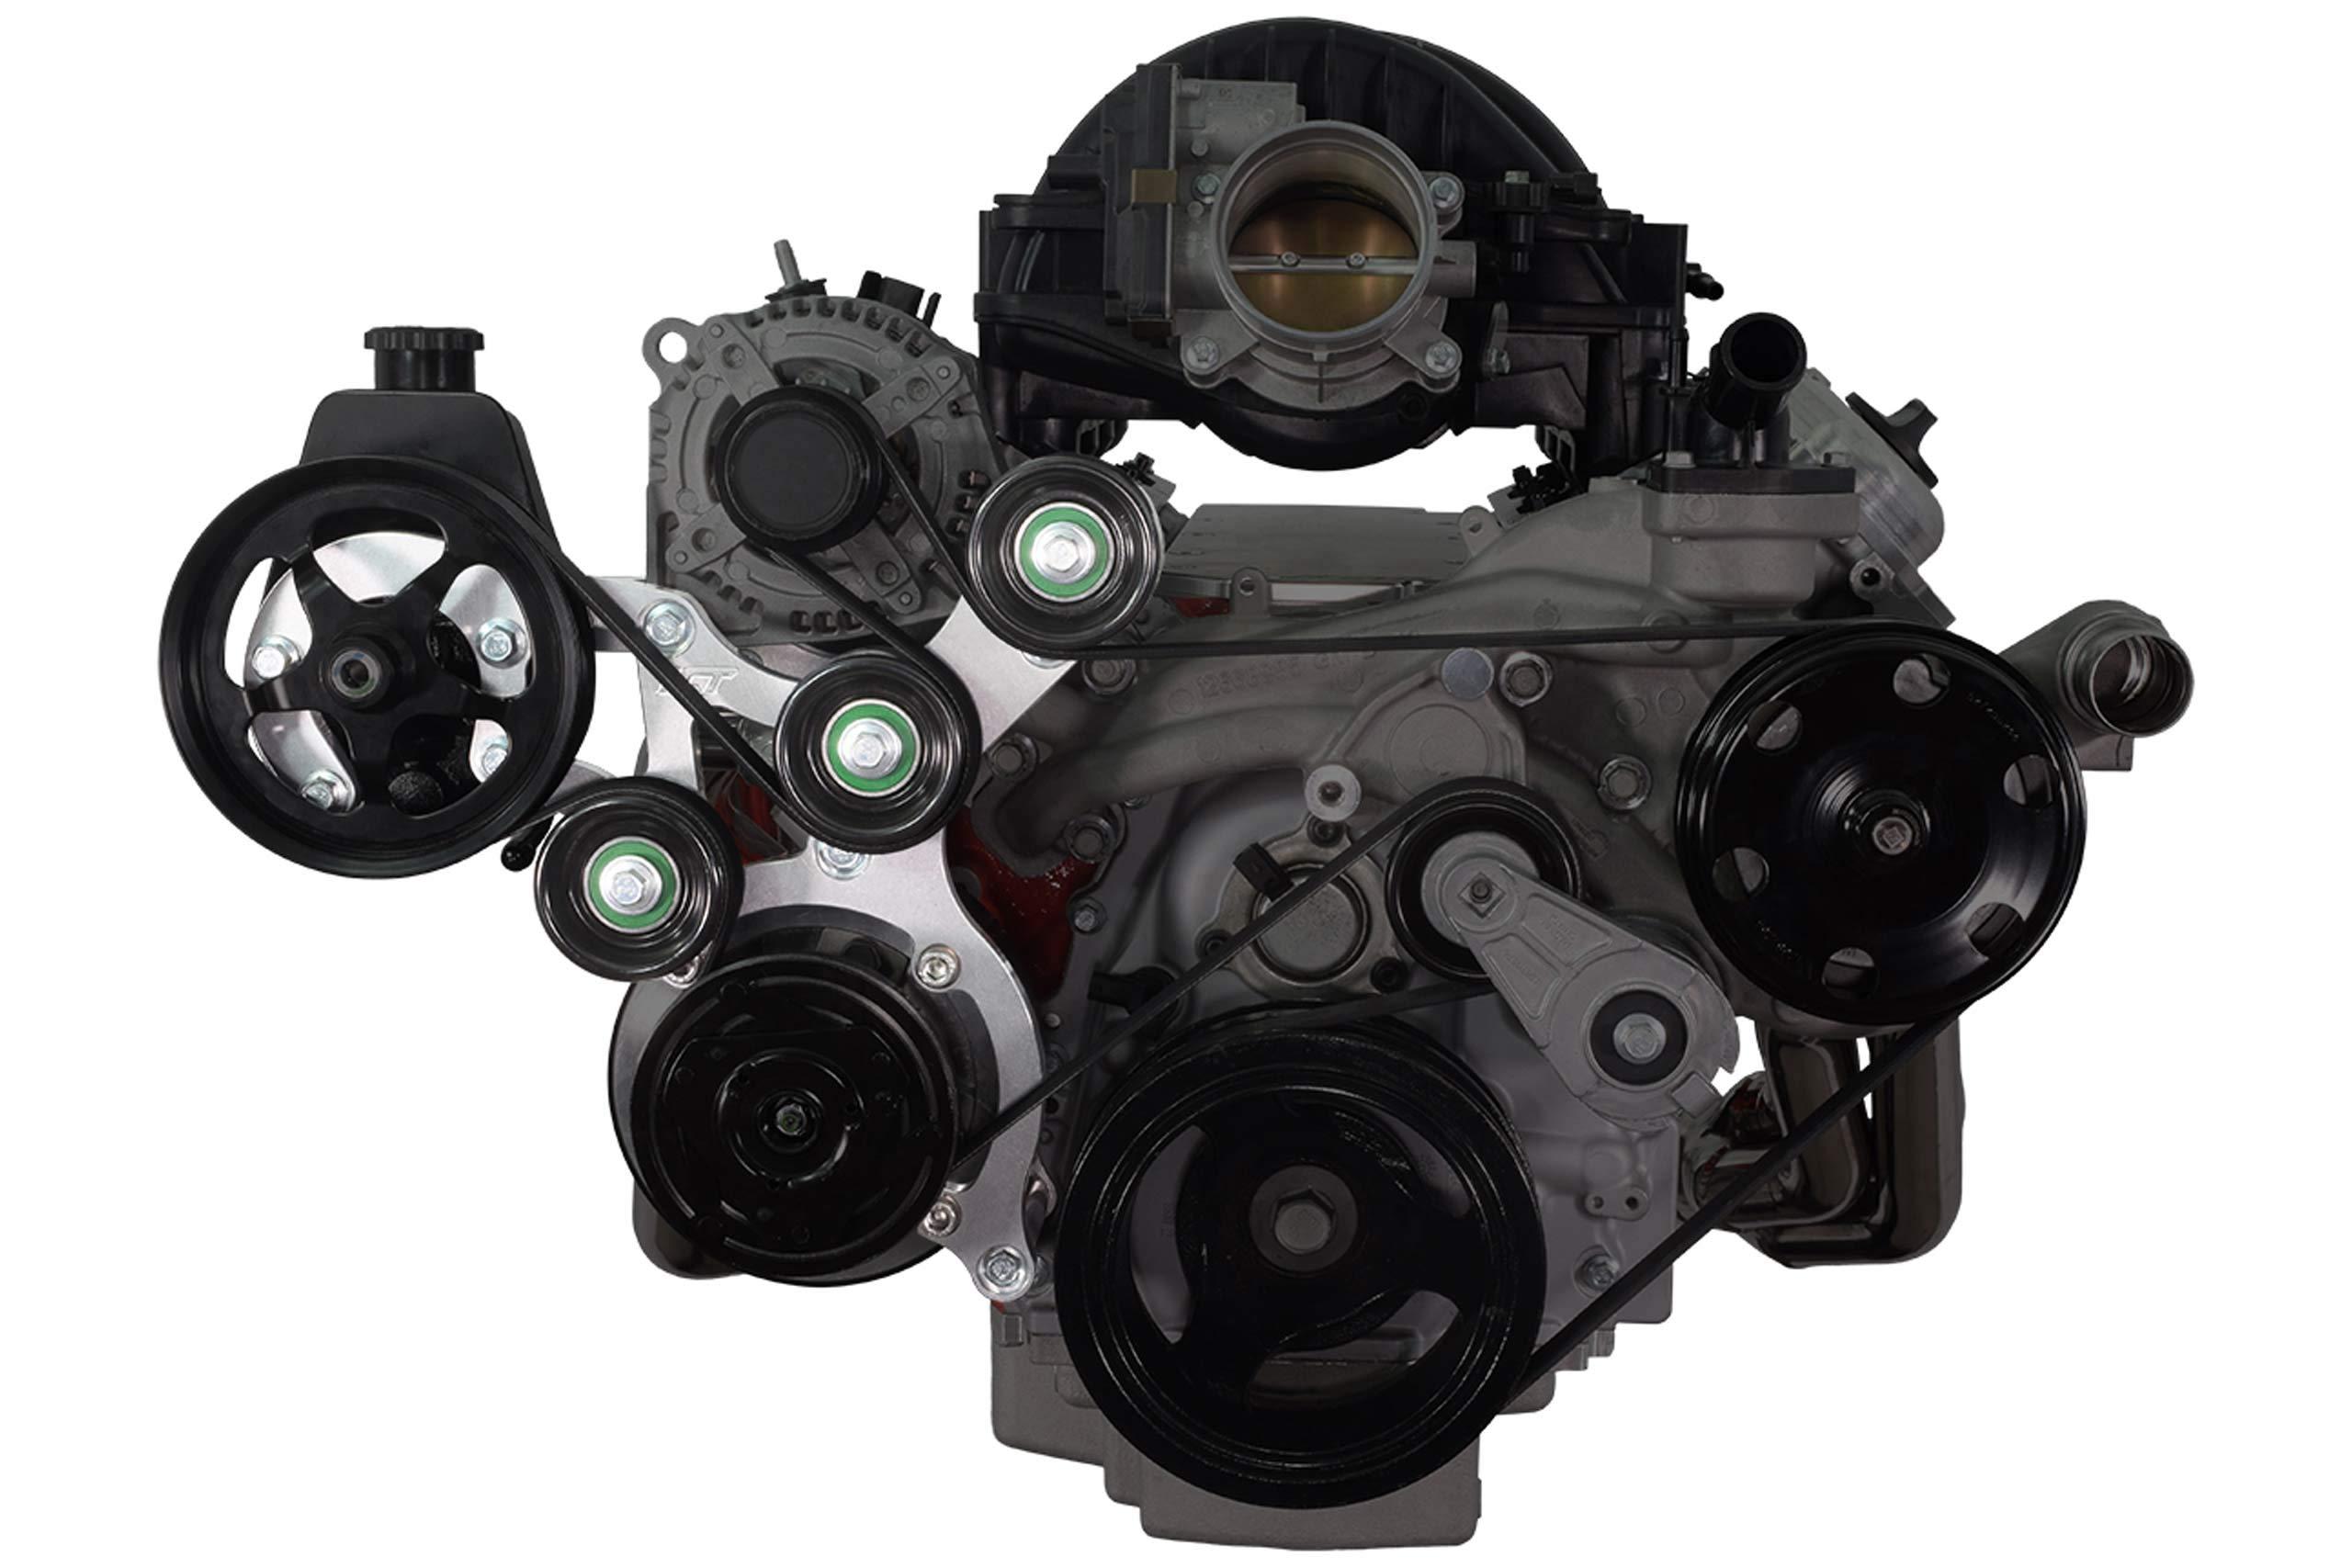 ICT Billet LT Gen V Swap C10 Truck Saginaw Power Steering & R4 A/C Compressor Bracket Kit Air Conditioner Compatible With L83 L86 Gen 5 V RPO Code Engines 551118-3